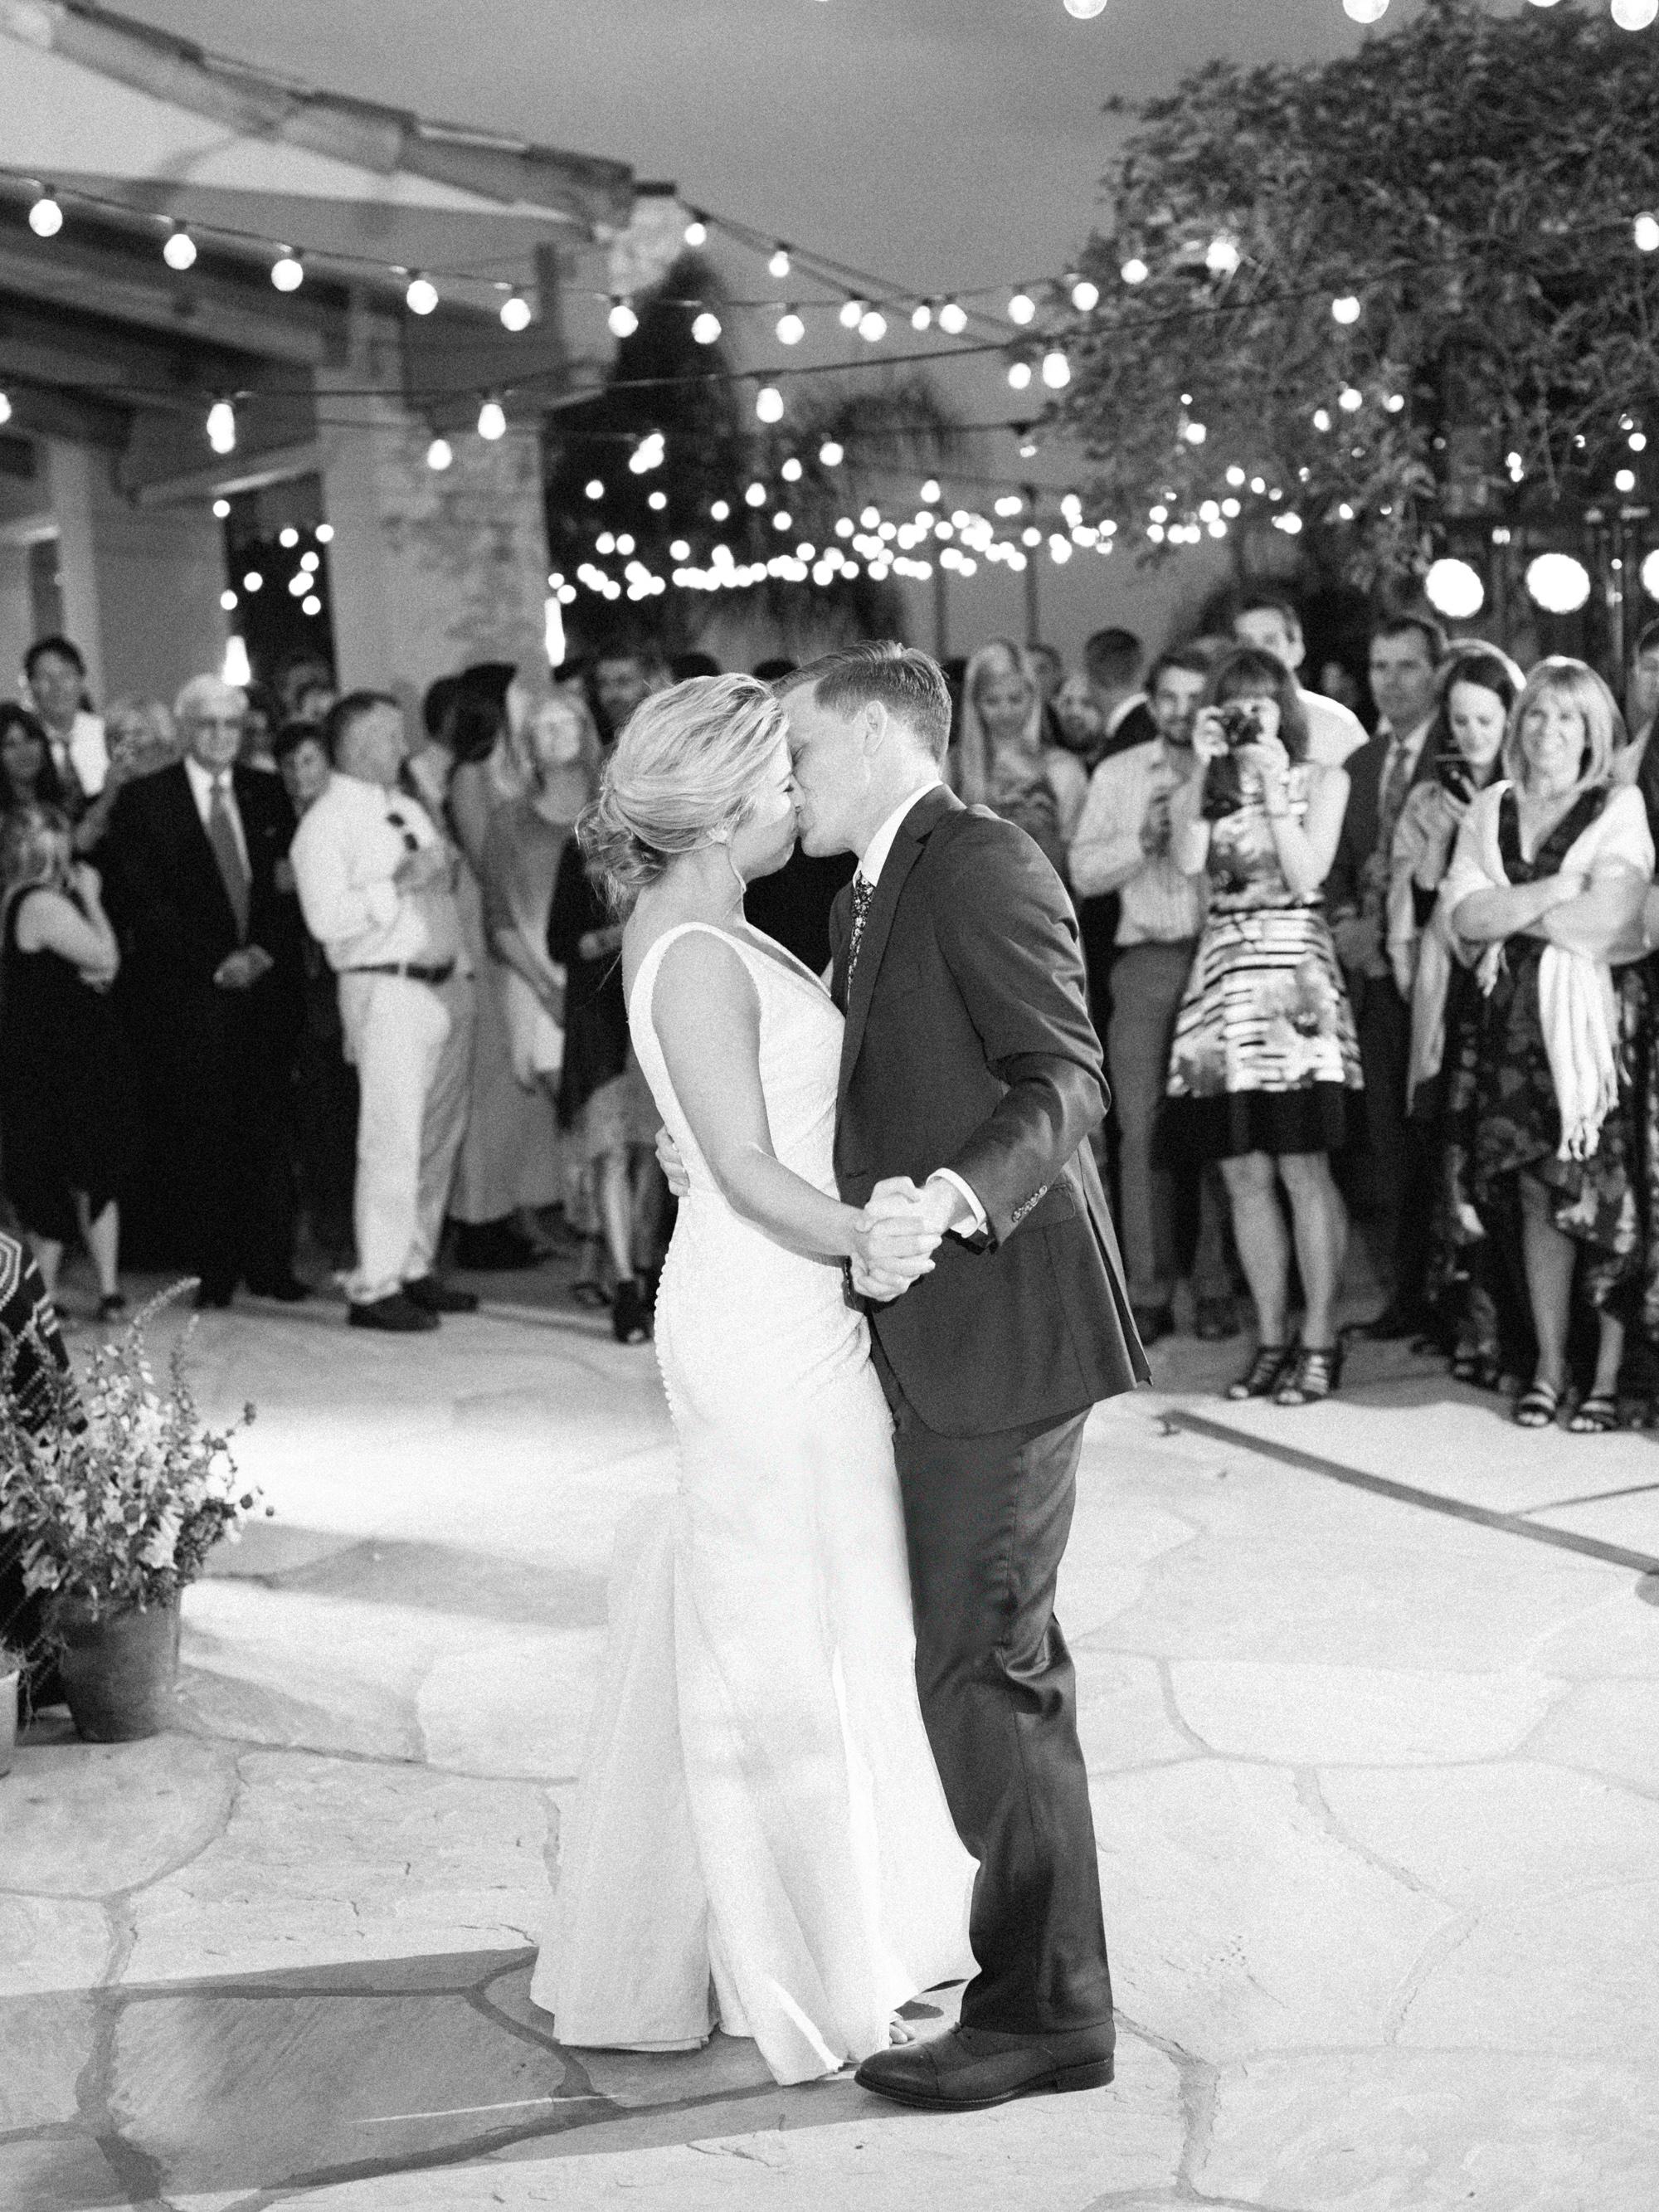 haillie-blake-wedding-727.jpg